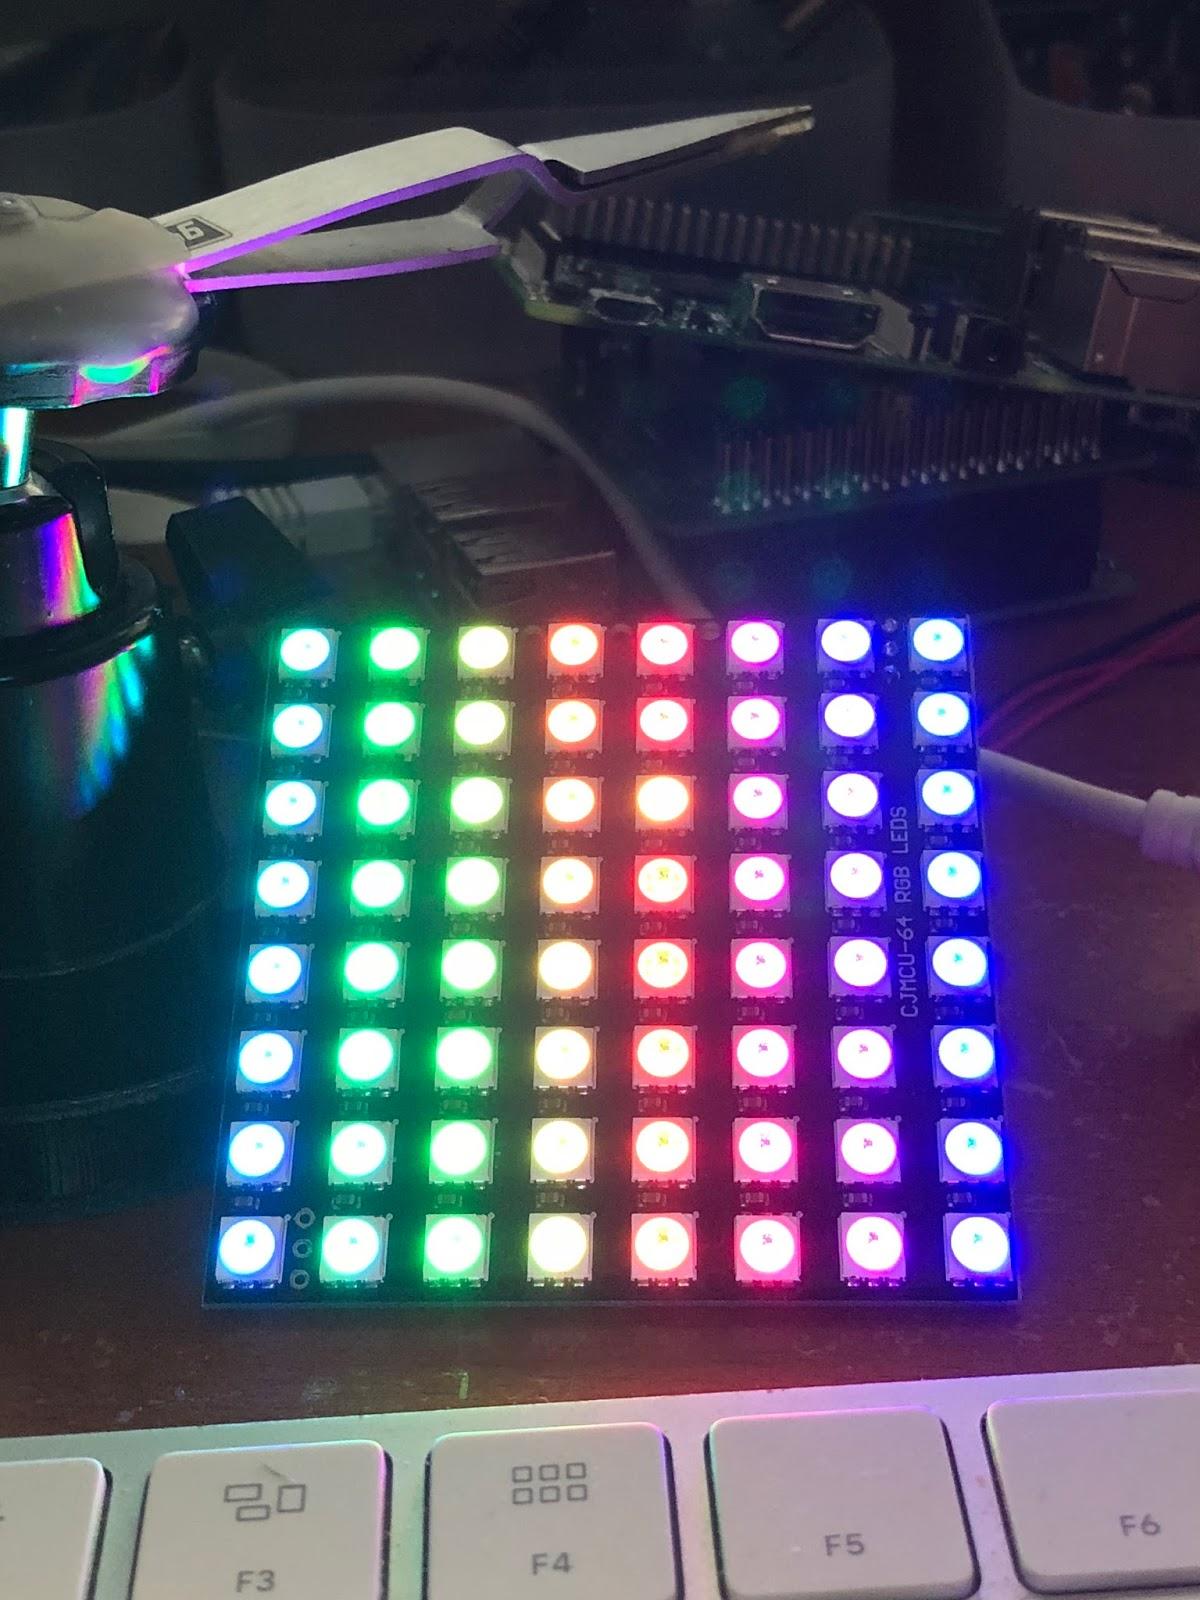 じわじわ進む: ESP32で33個以上のNeoPixelを使うと制御が乱れる